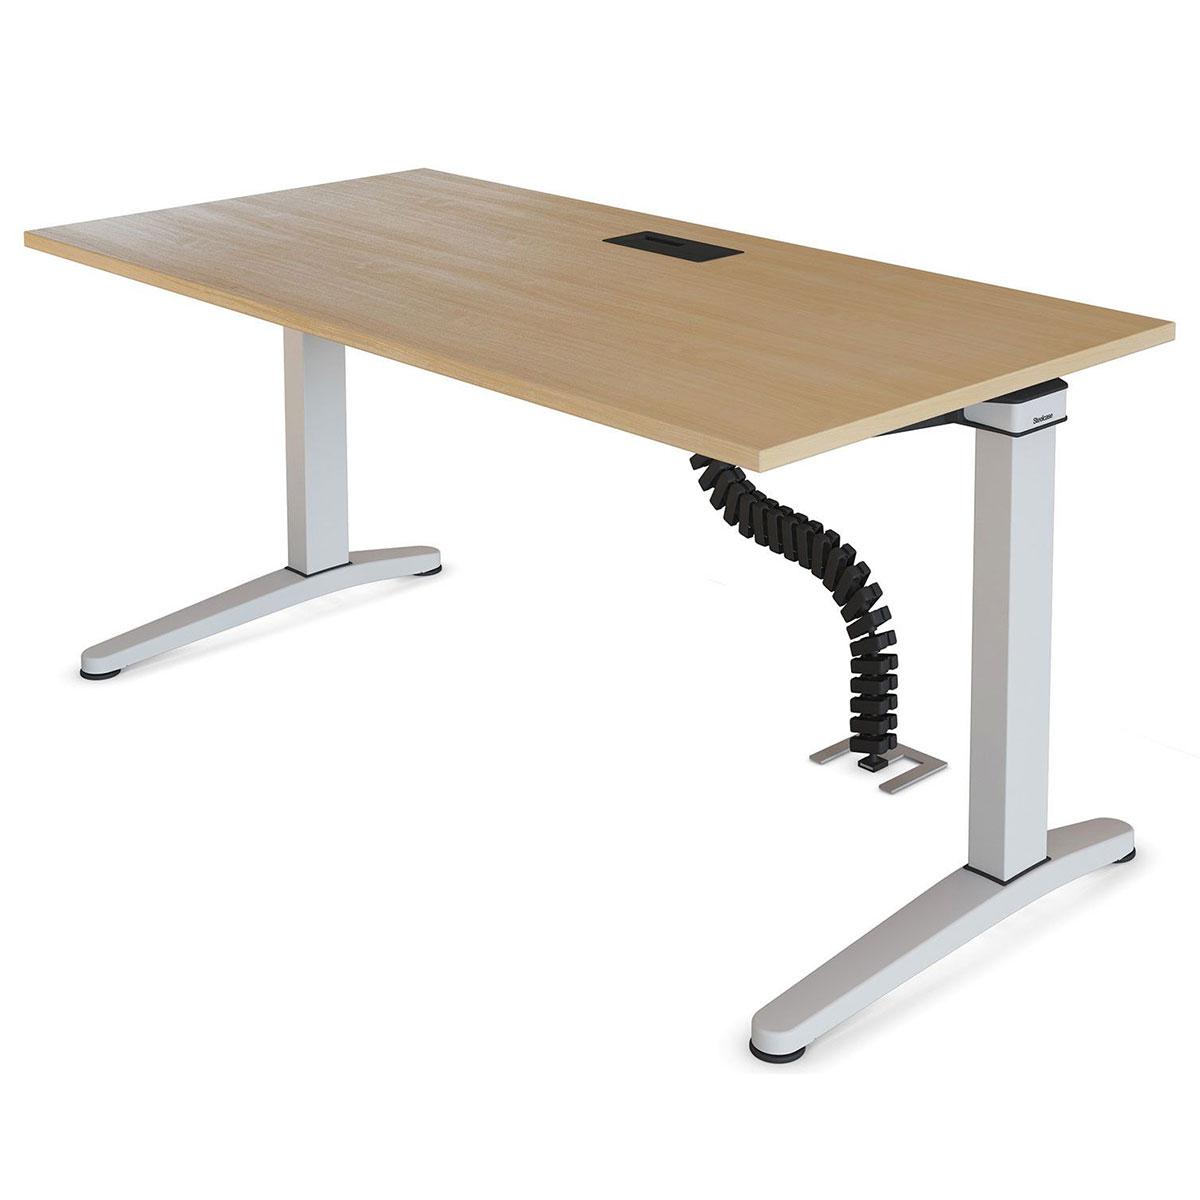 Steelcase OLOGY elektrisch höhenverstellbarer Schreibtisch, 720 - 1.200 mm Höhe